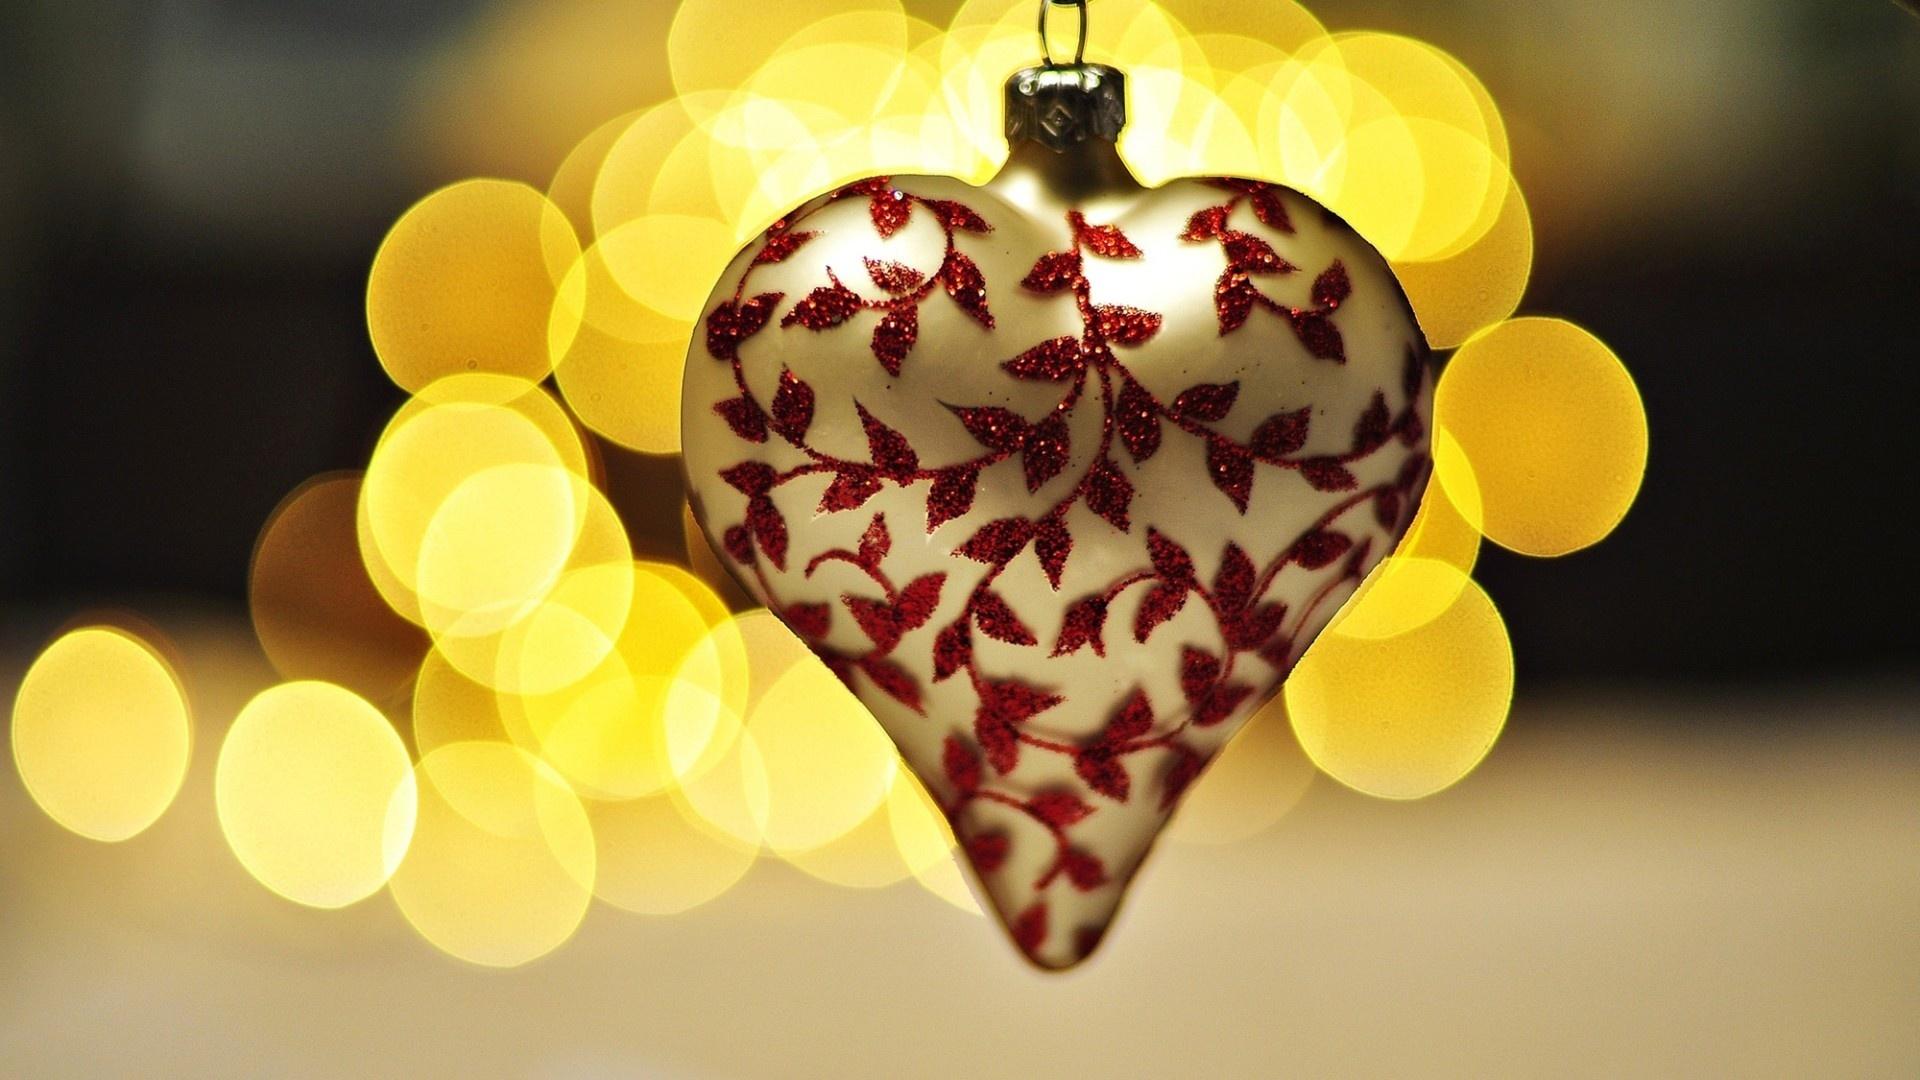 стою просто красивые картинки на аву сердечки касается